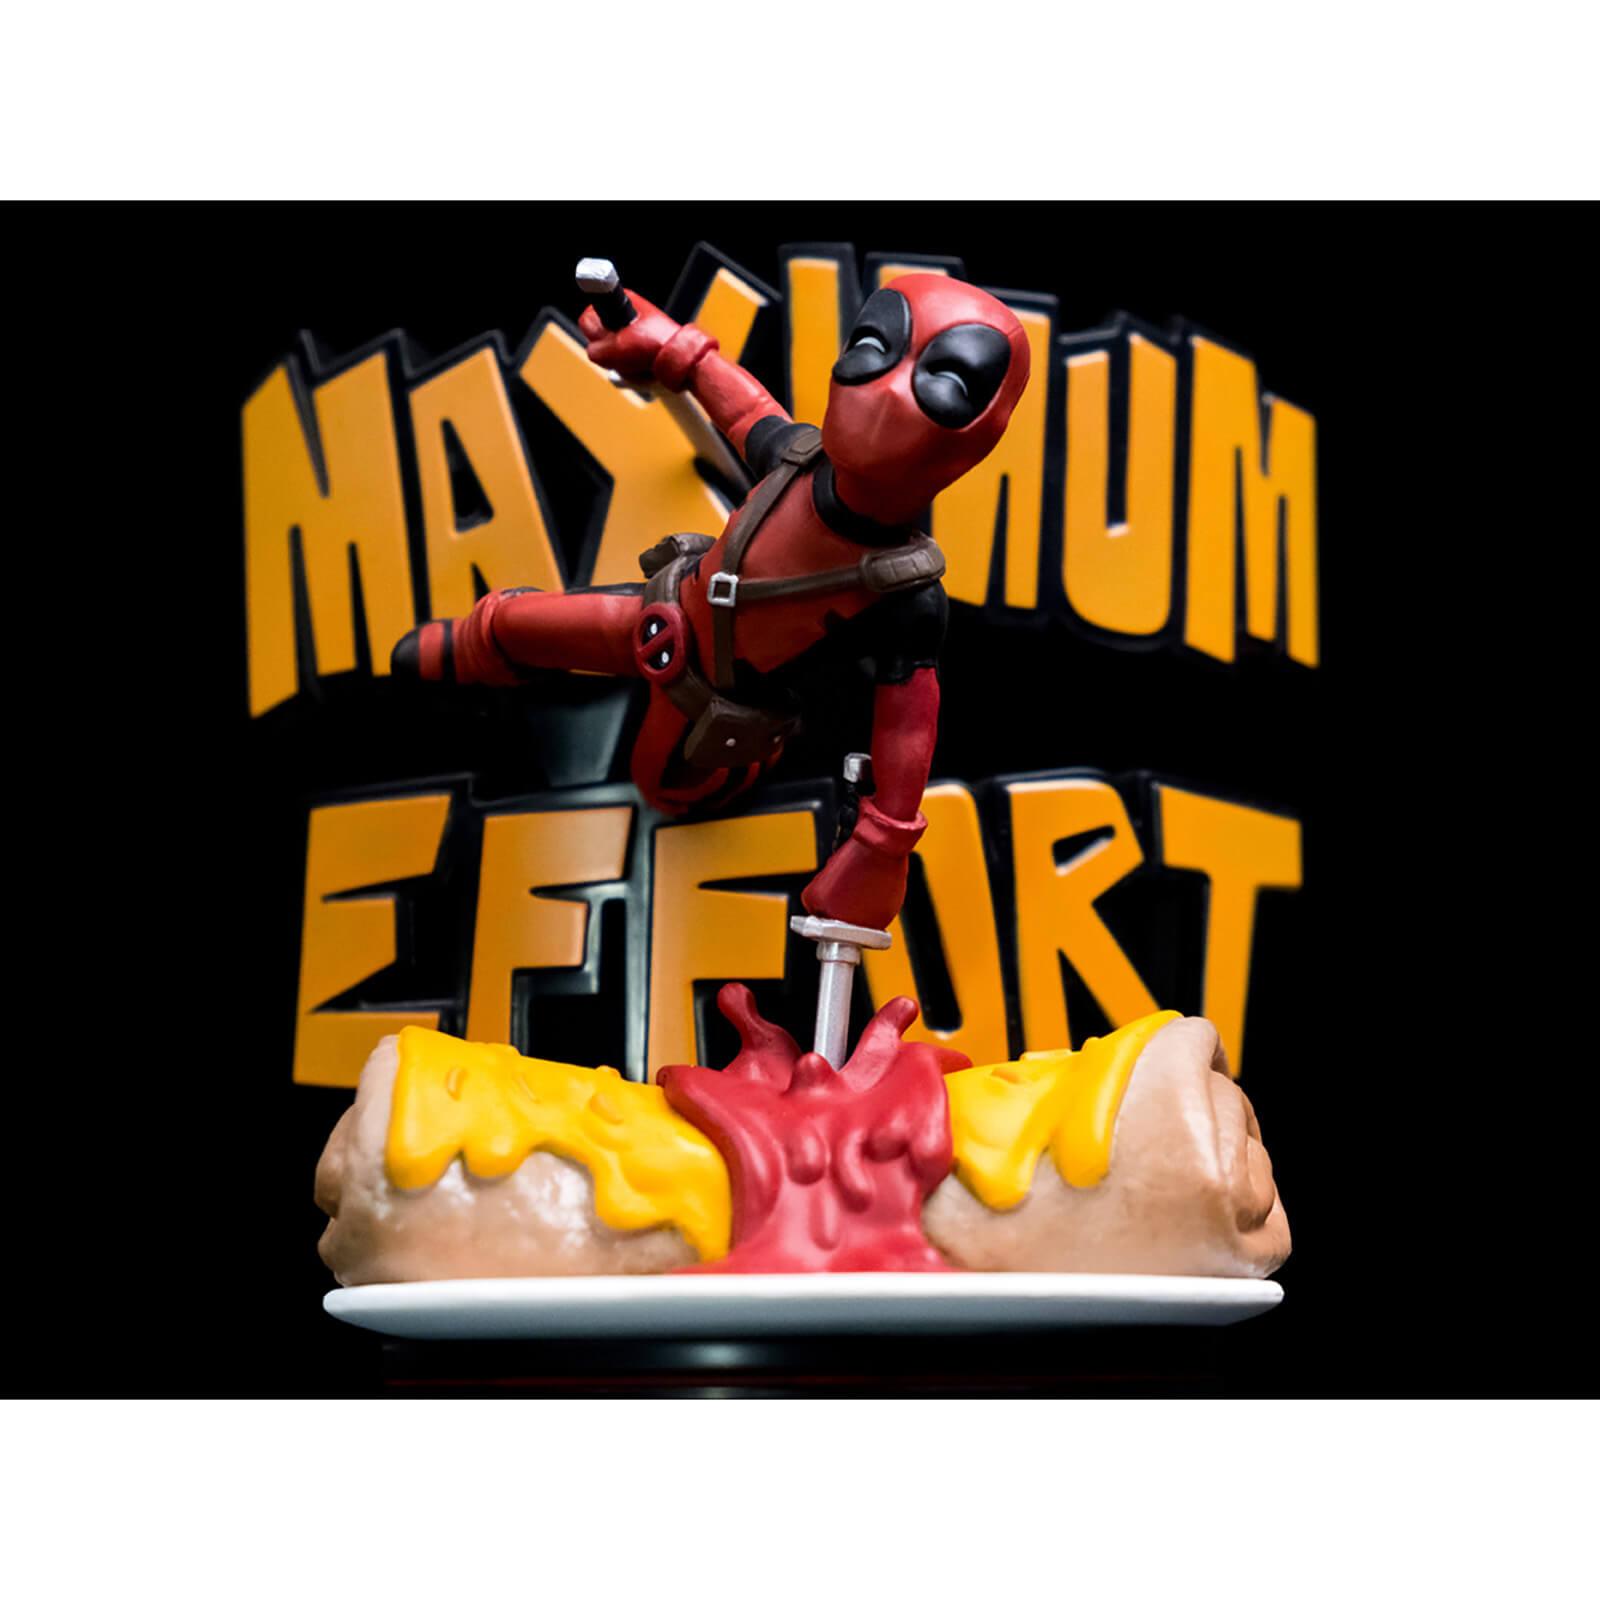 Deadpool Maximum Effort Q-Fig Max Diorama £14.99 Delivered (Using Code) at Zavvi